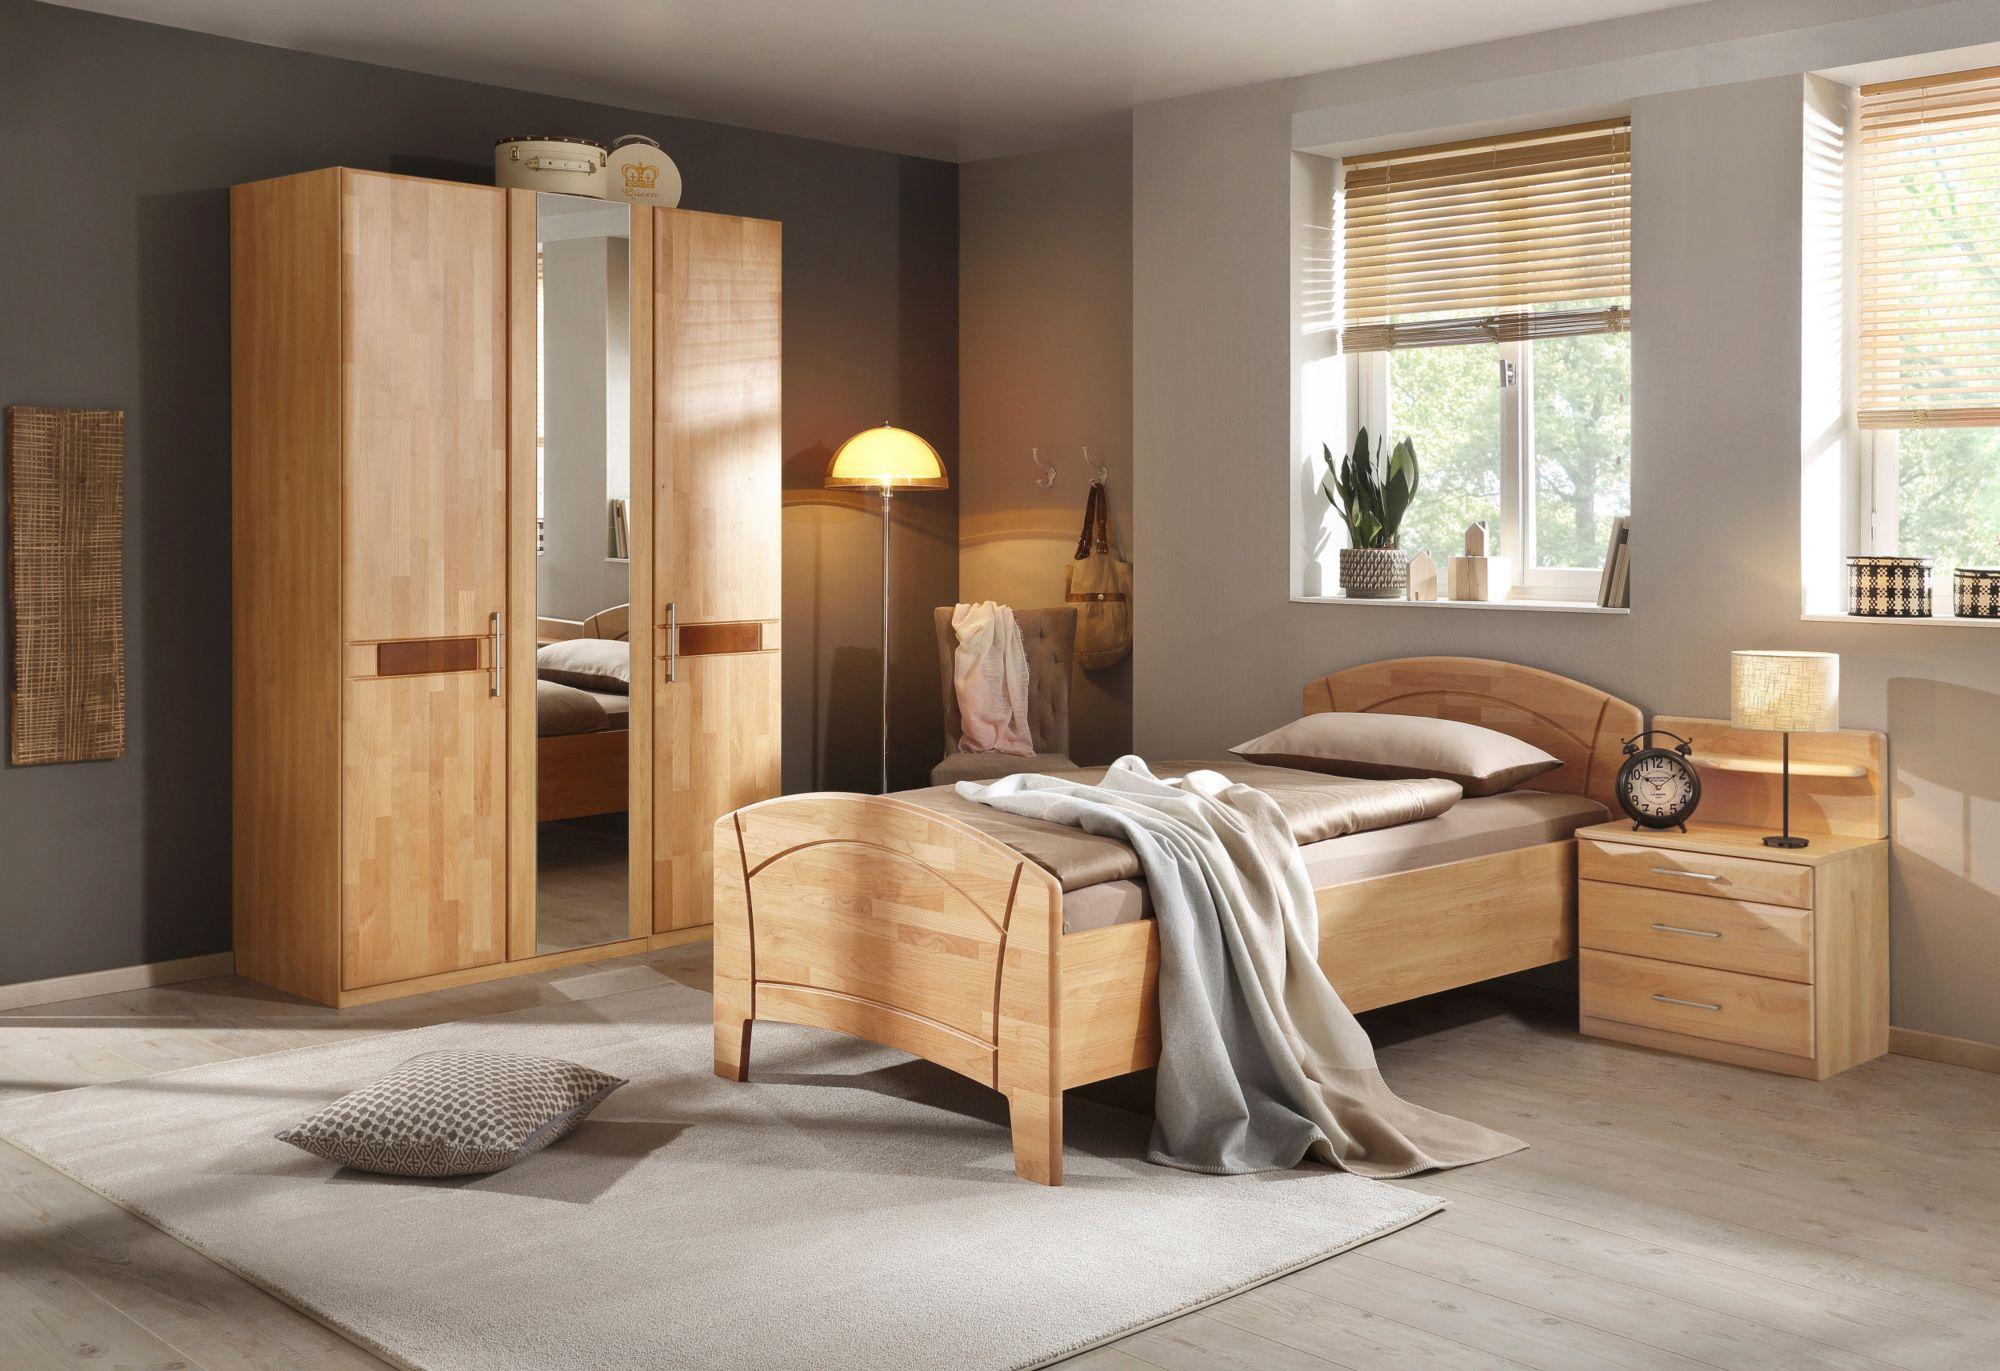 schlafzimmer set 4 tlg sarah mit bett 100 200 cm und 2 oder 3 trg schrank schwab. Black Bedroom Furniture Sets. Home Design Ideas